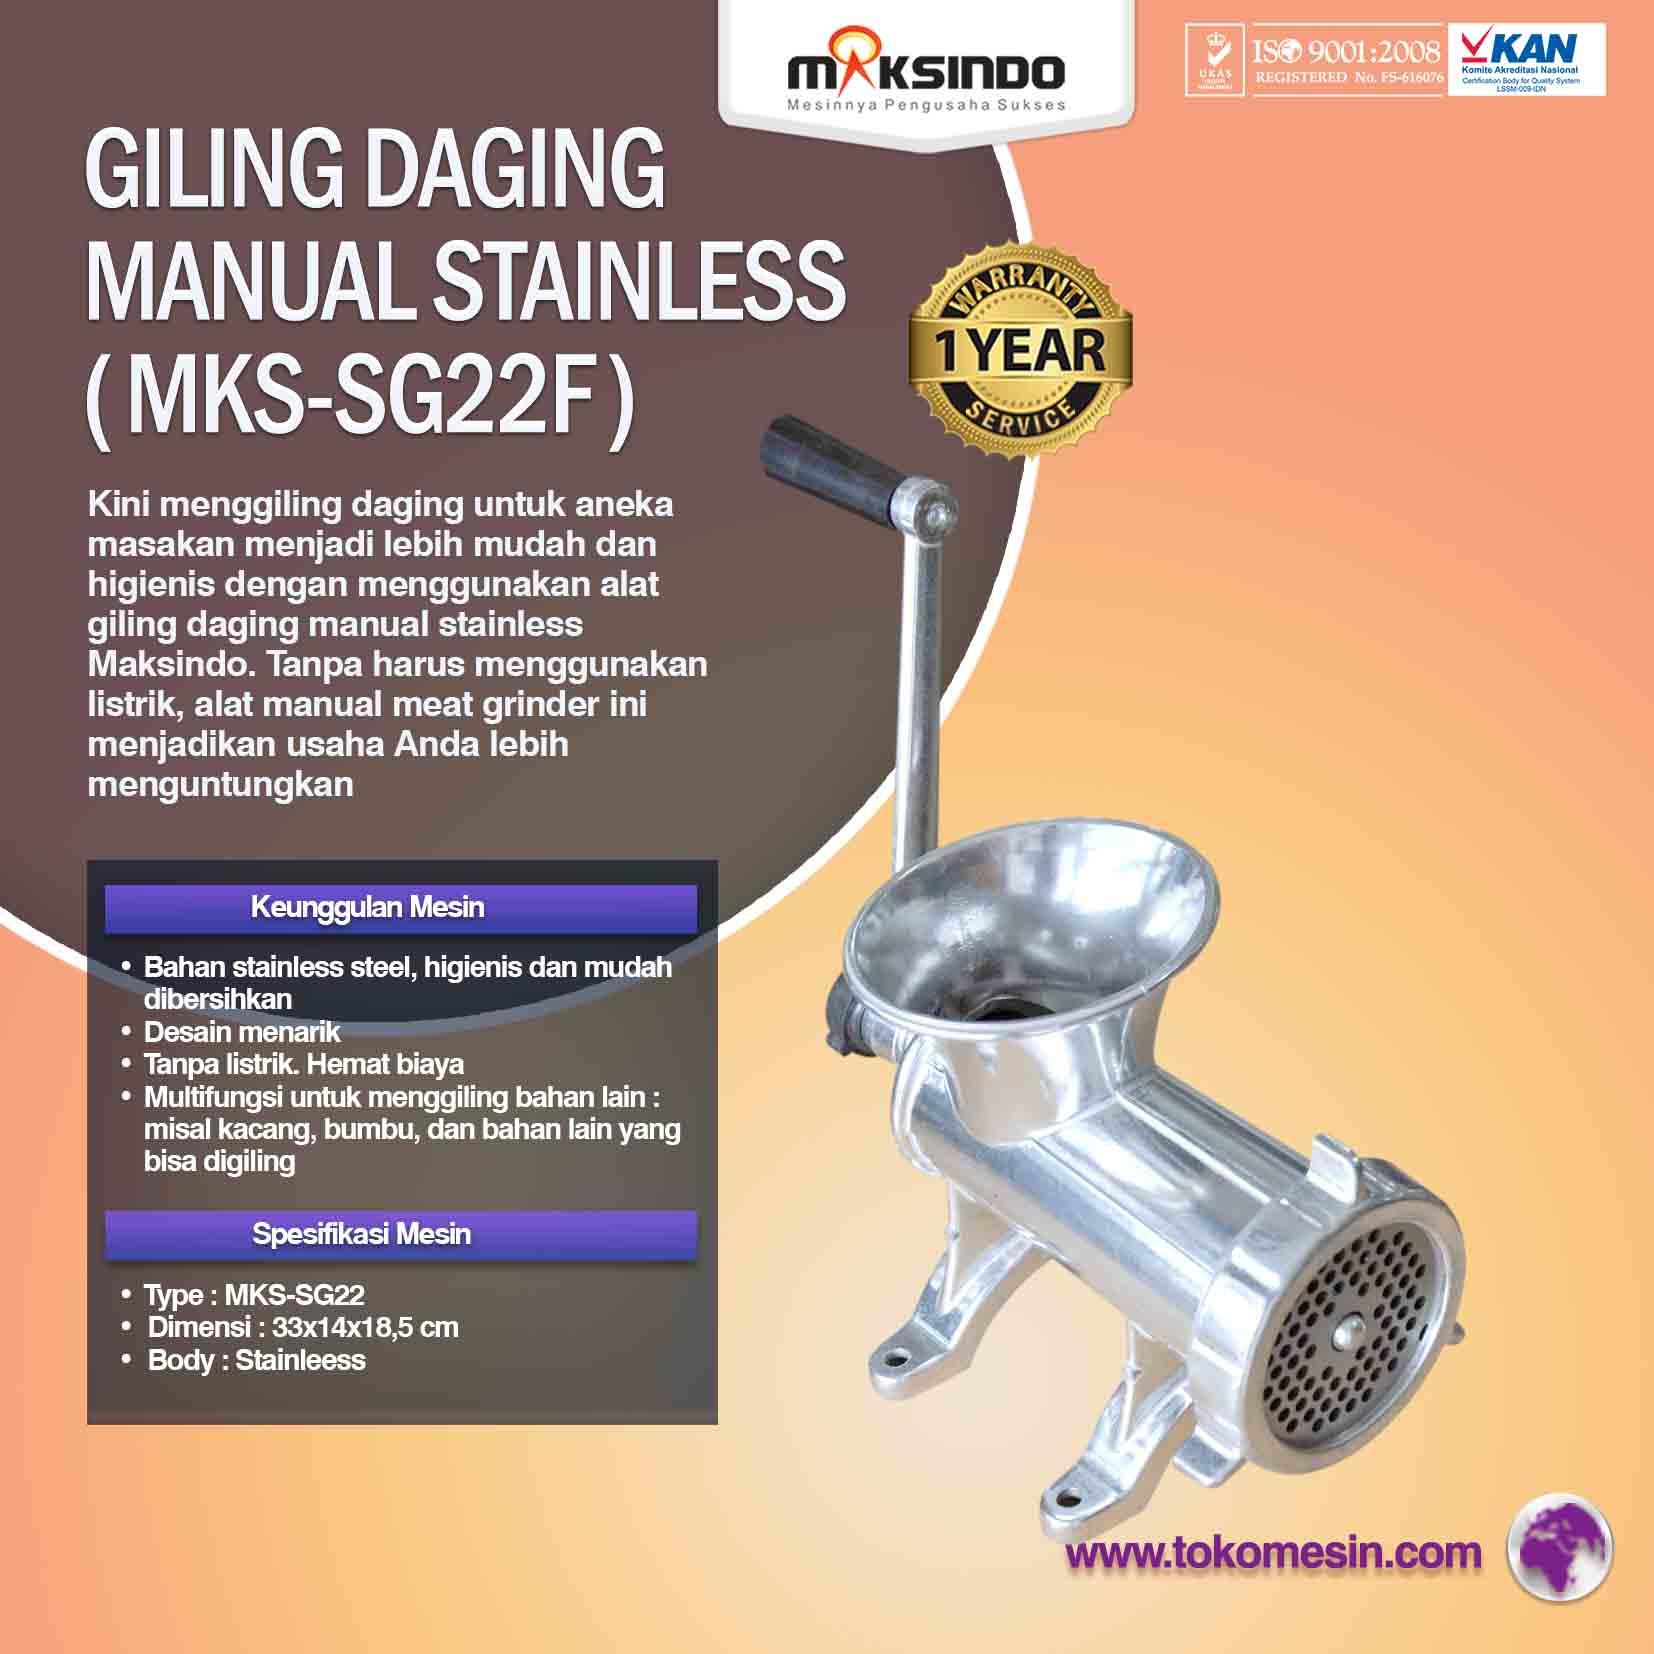 Jual Giling Daging Manual Stainless MKS-SG10 di Yogyakarta .